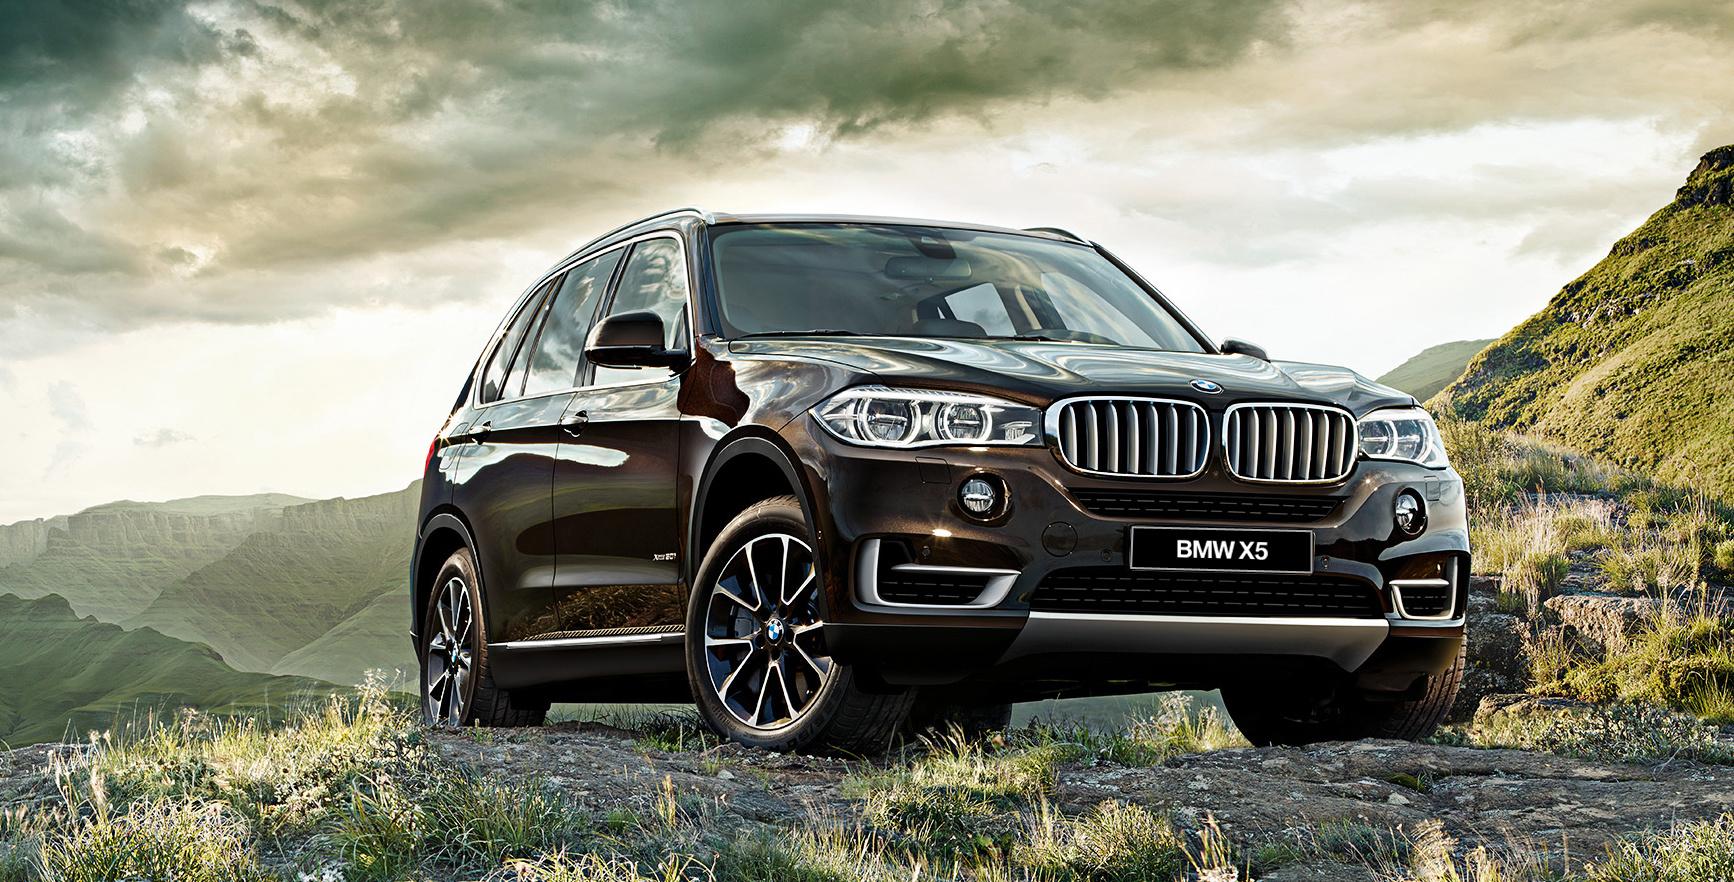 BMW X5 (БМВ X5), сравнение старого и нового поколений ...